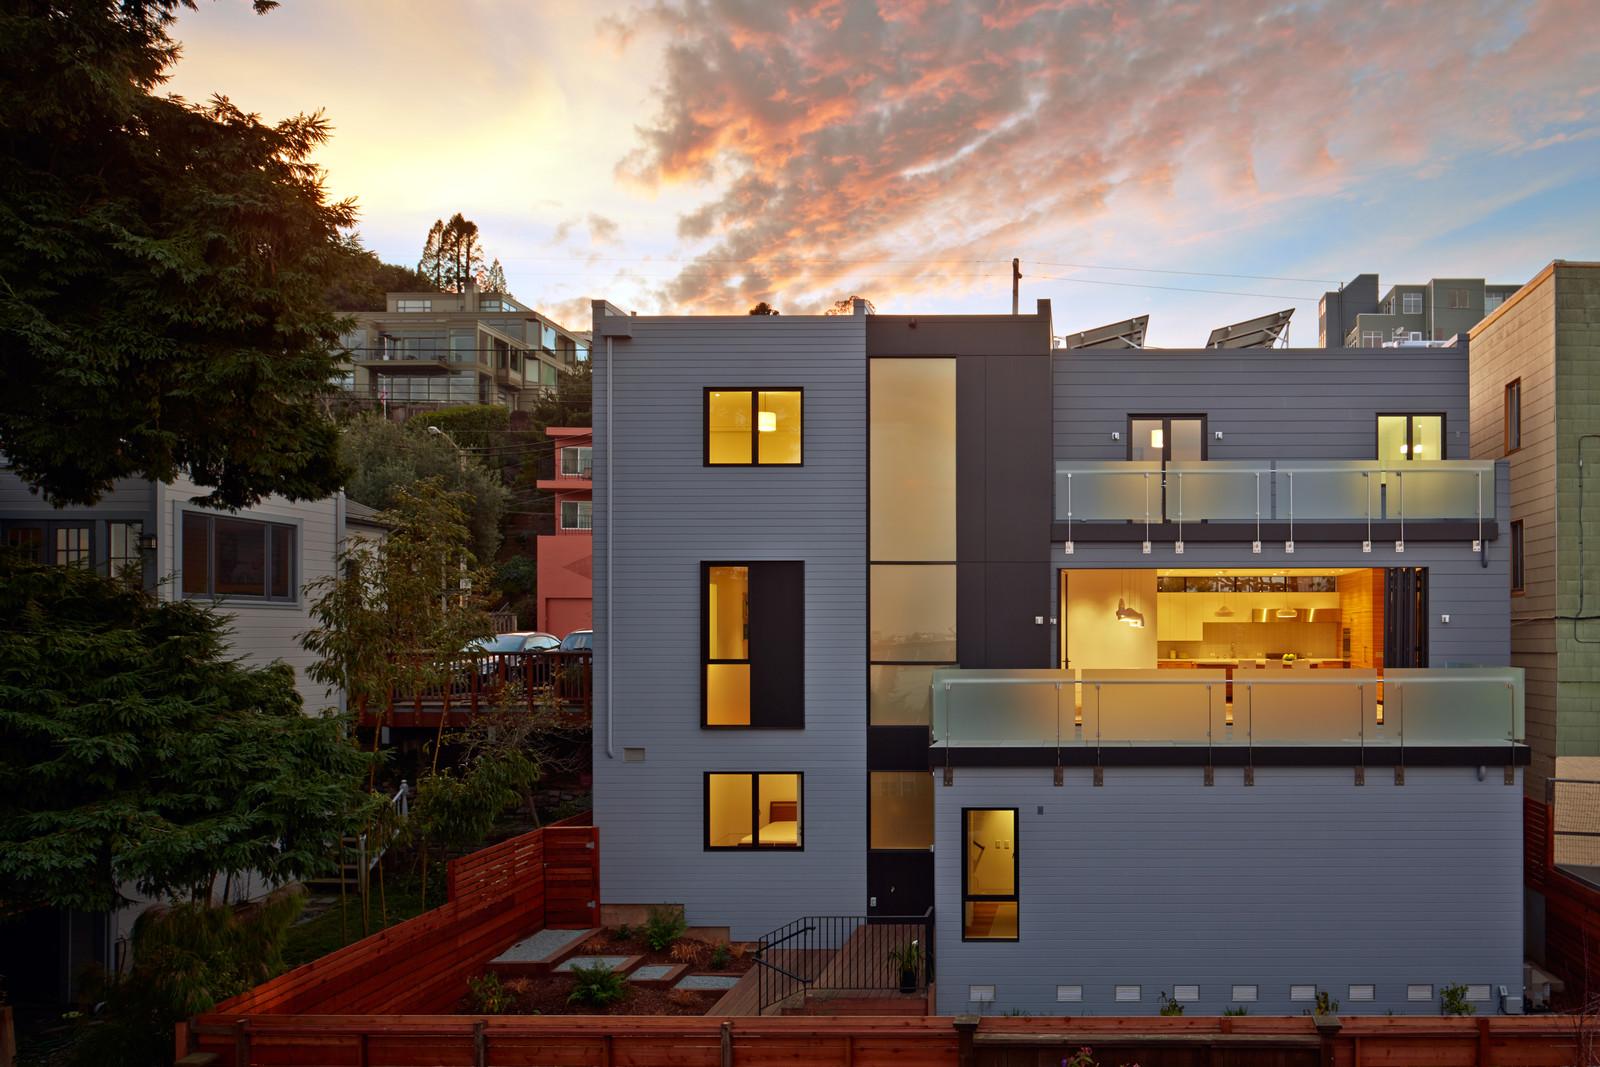 Noe-Residence-just3ds.com-14